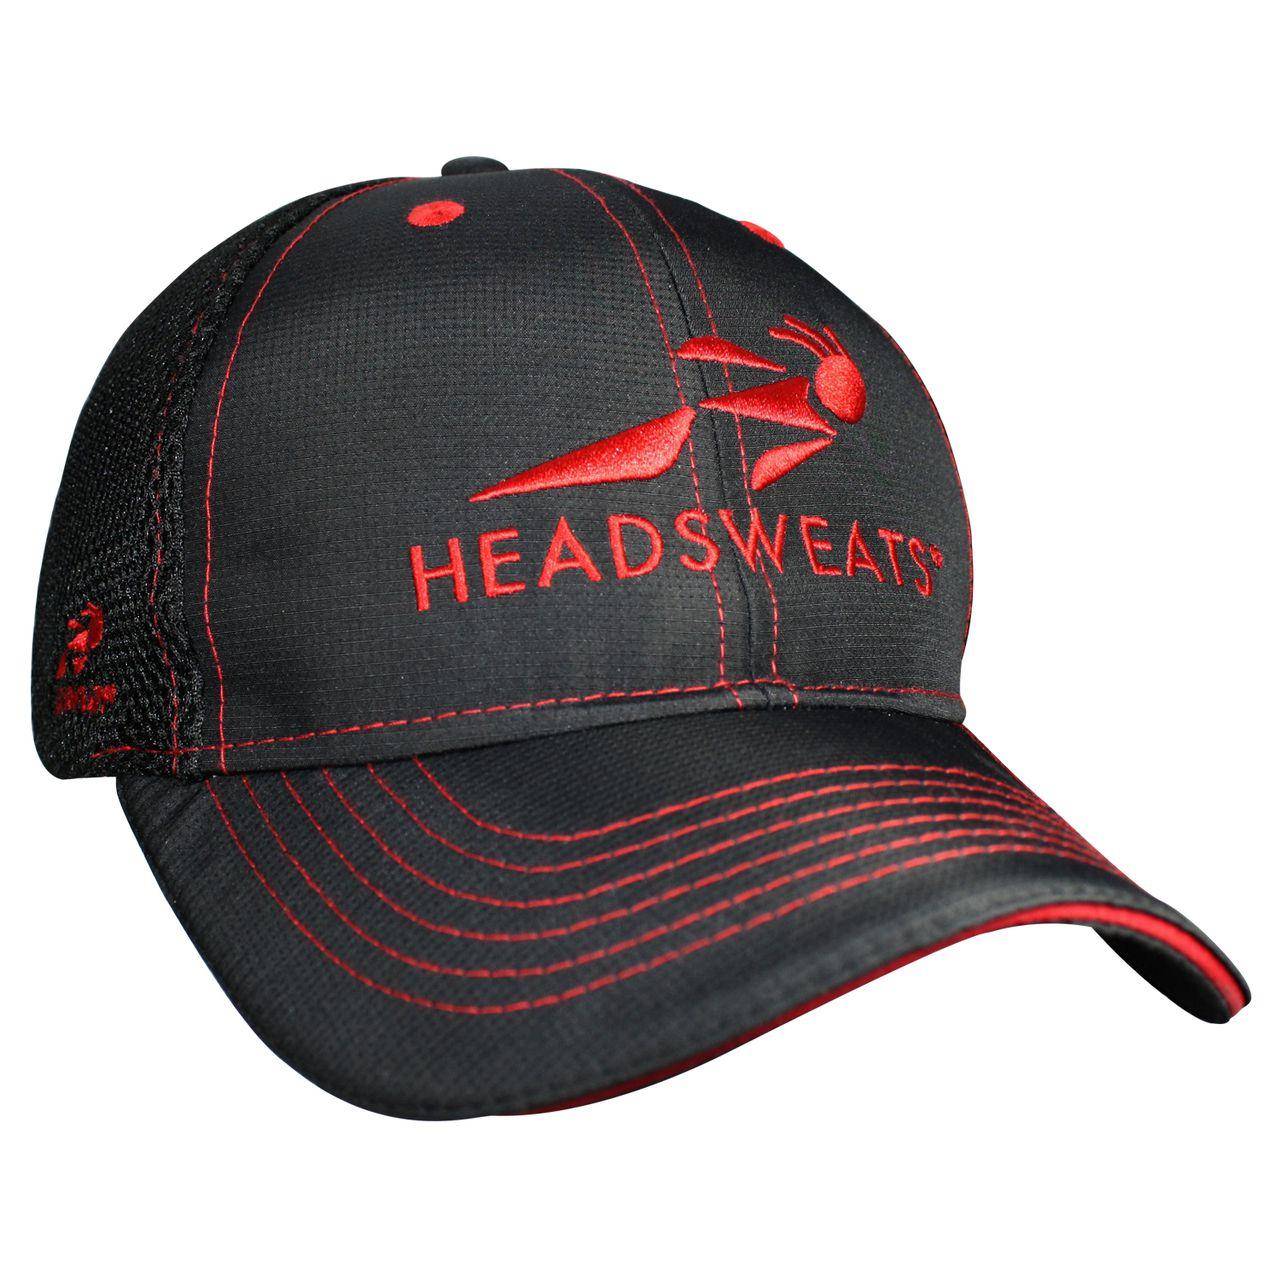 騎跑泳/勇者-HEADSWEATS汗淂卡車司機帽-紅黑色,網帽,棒球帽,休閒帽.潮帽